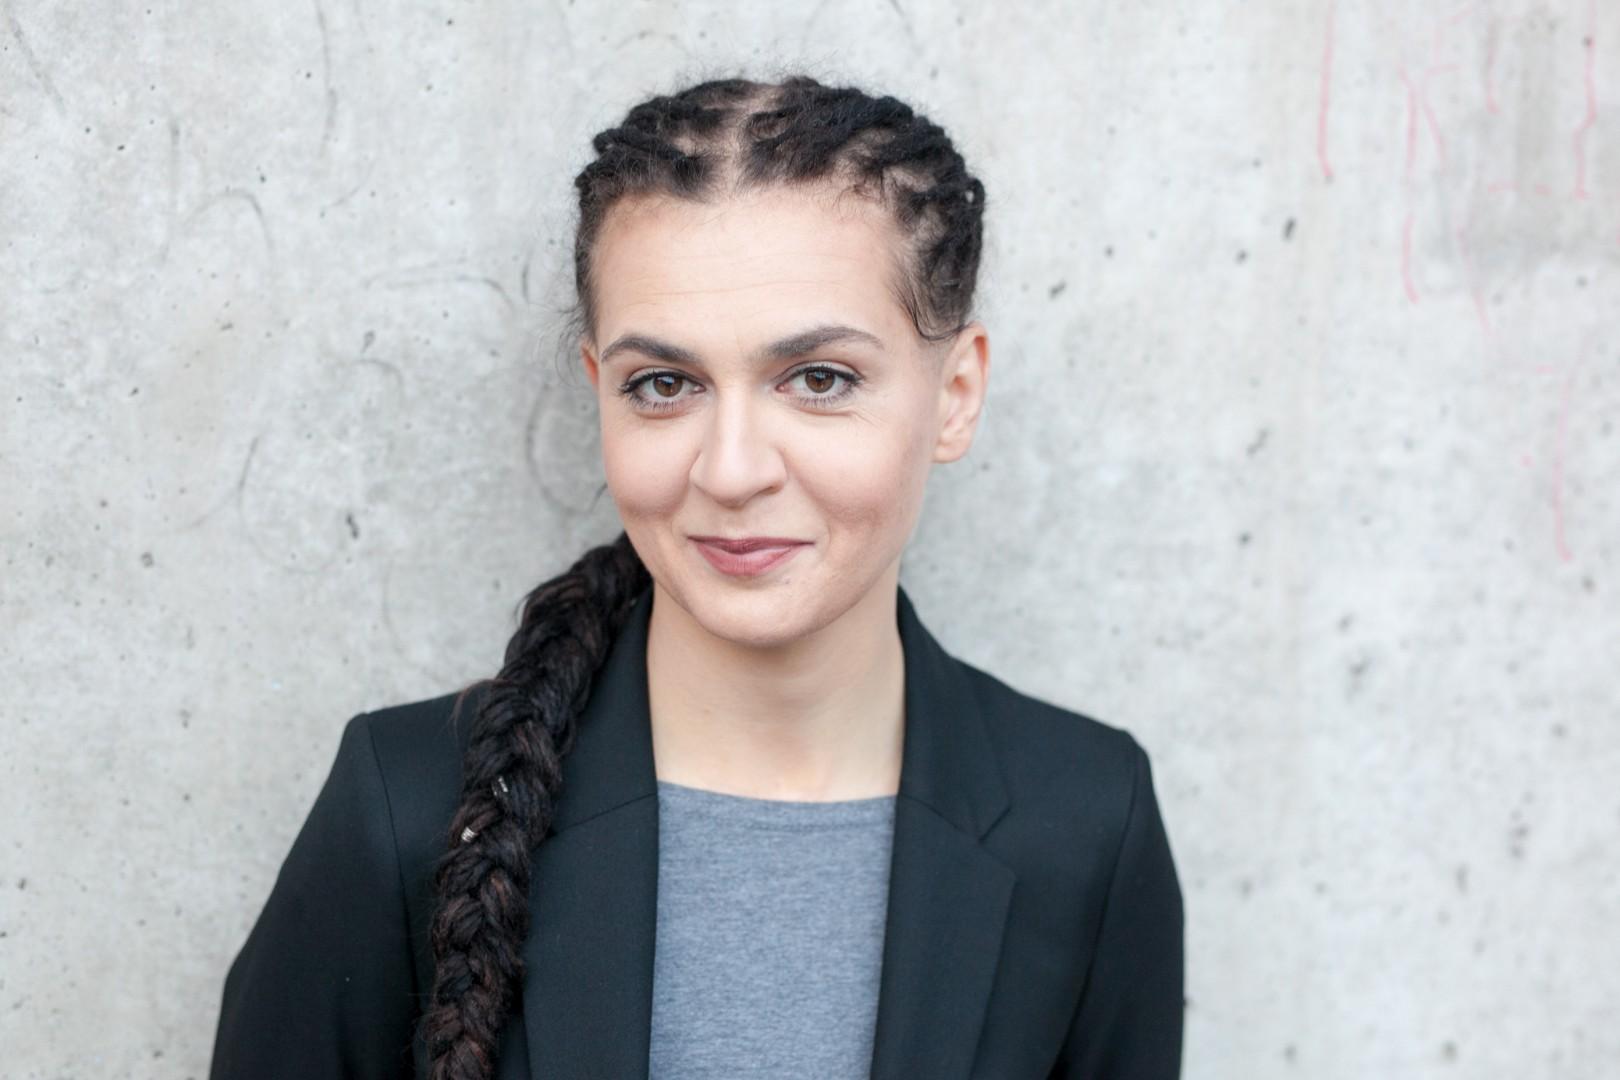 Paulina Chocholska